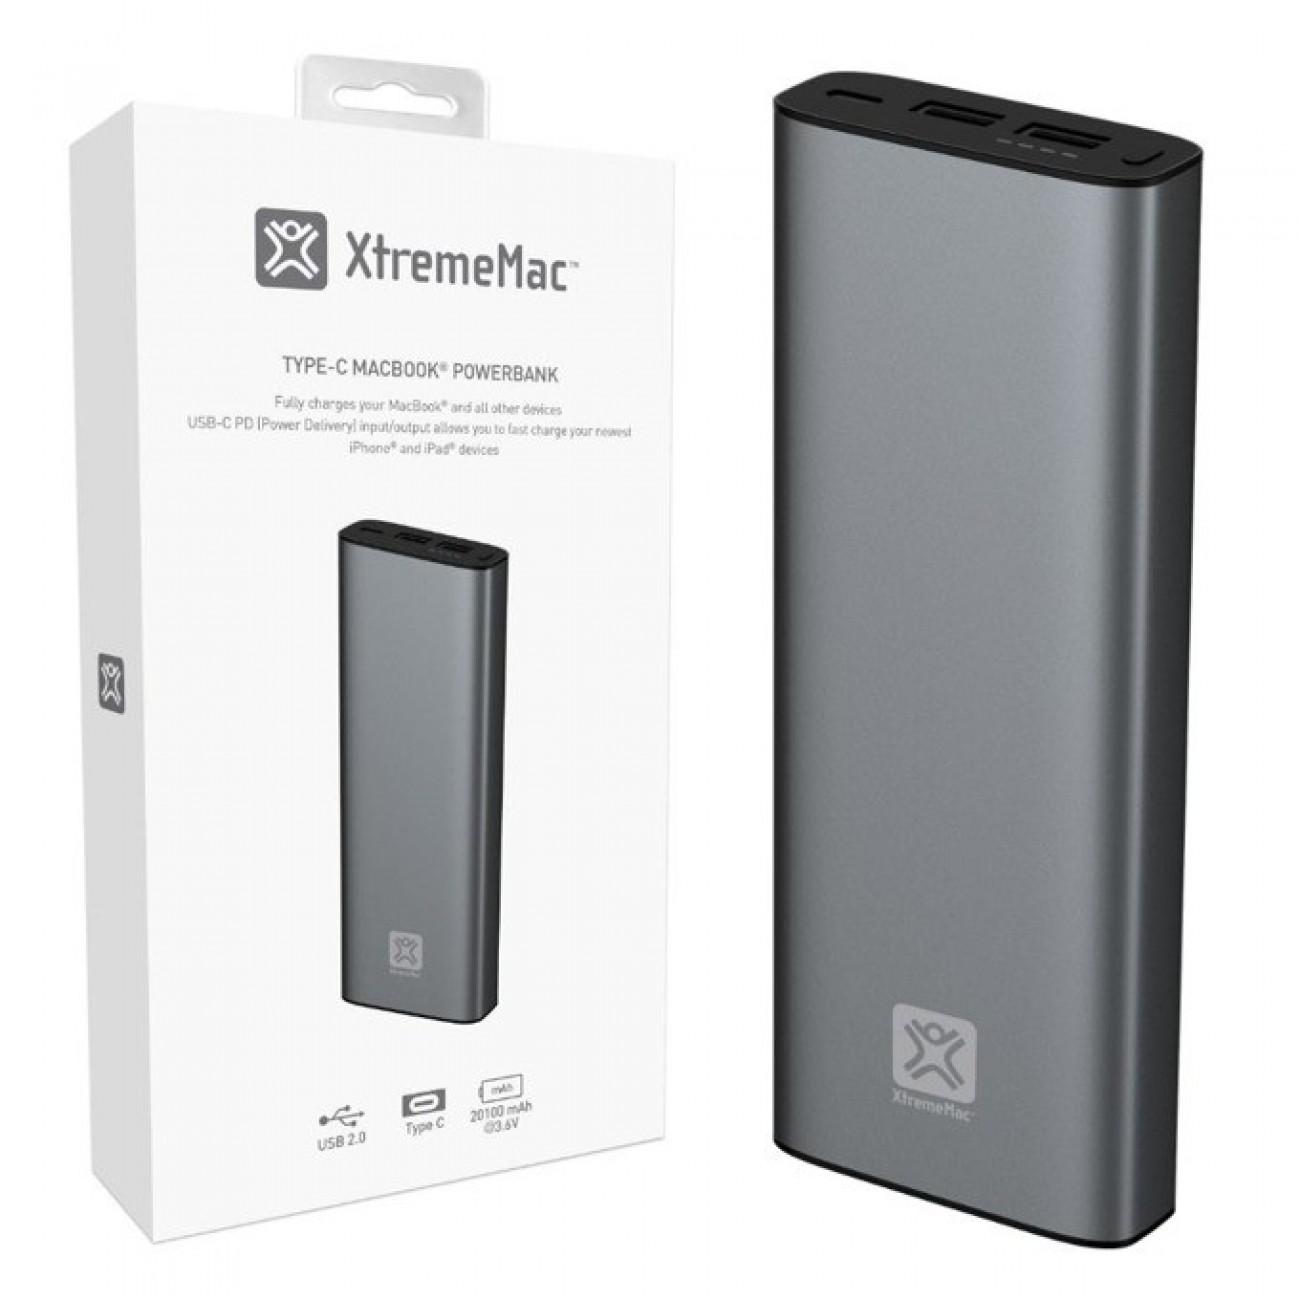 Външна батерия/power bank XtremeMac MACBOOK POWER BANK, 20100mAh - USB-C / USB-A - Space Grey в Външни батерии -  | Alleop